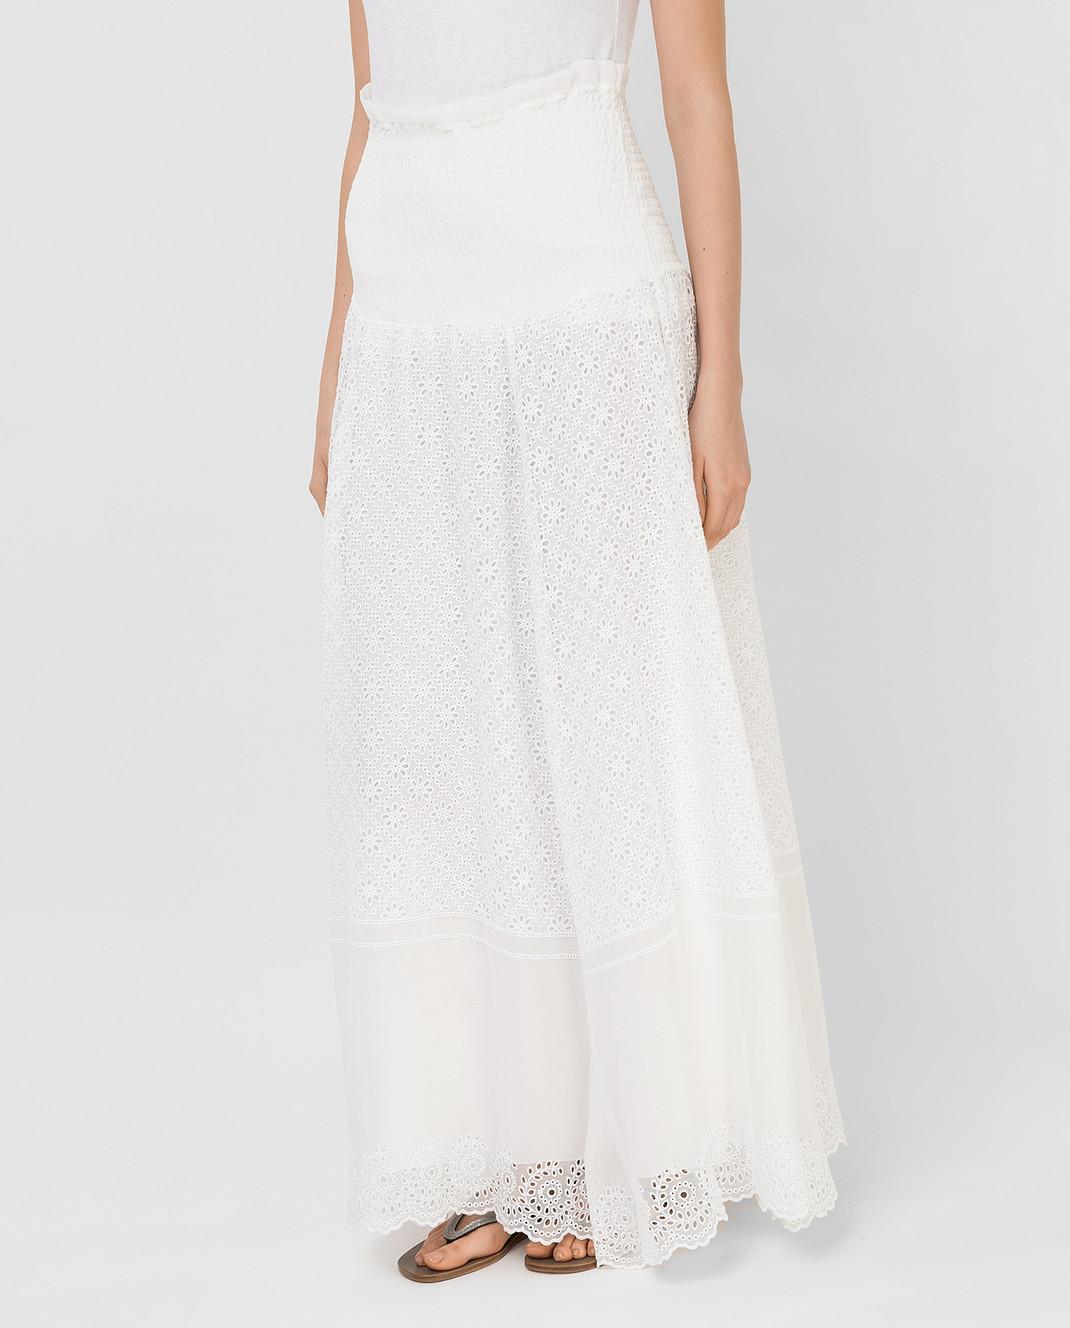 купить в арзамасе белые юбки